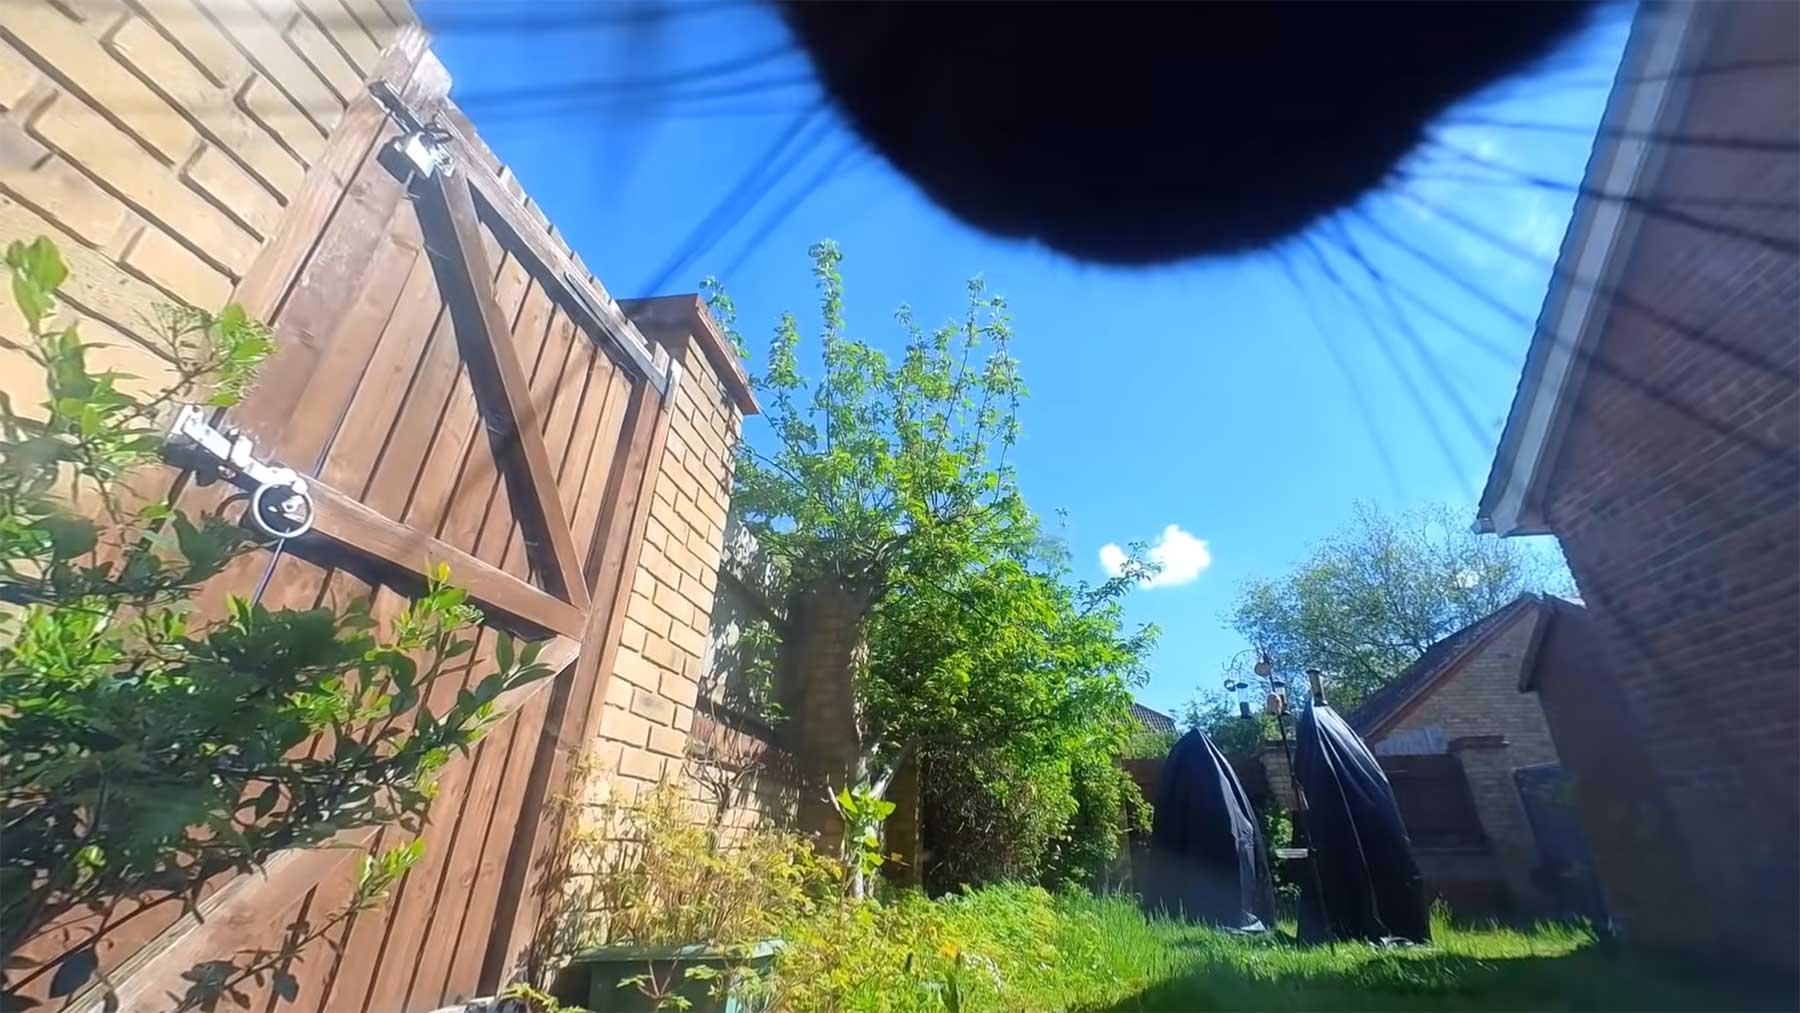 Kleine Kamera zeigt 24 Stunden aus der Sicht einer Katze